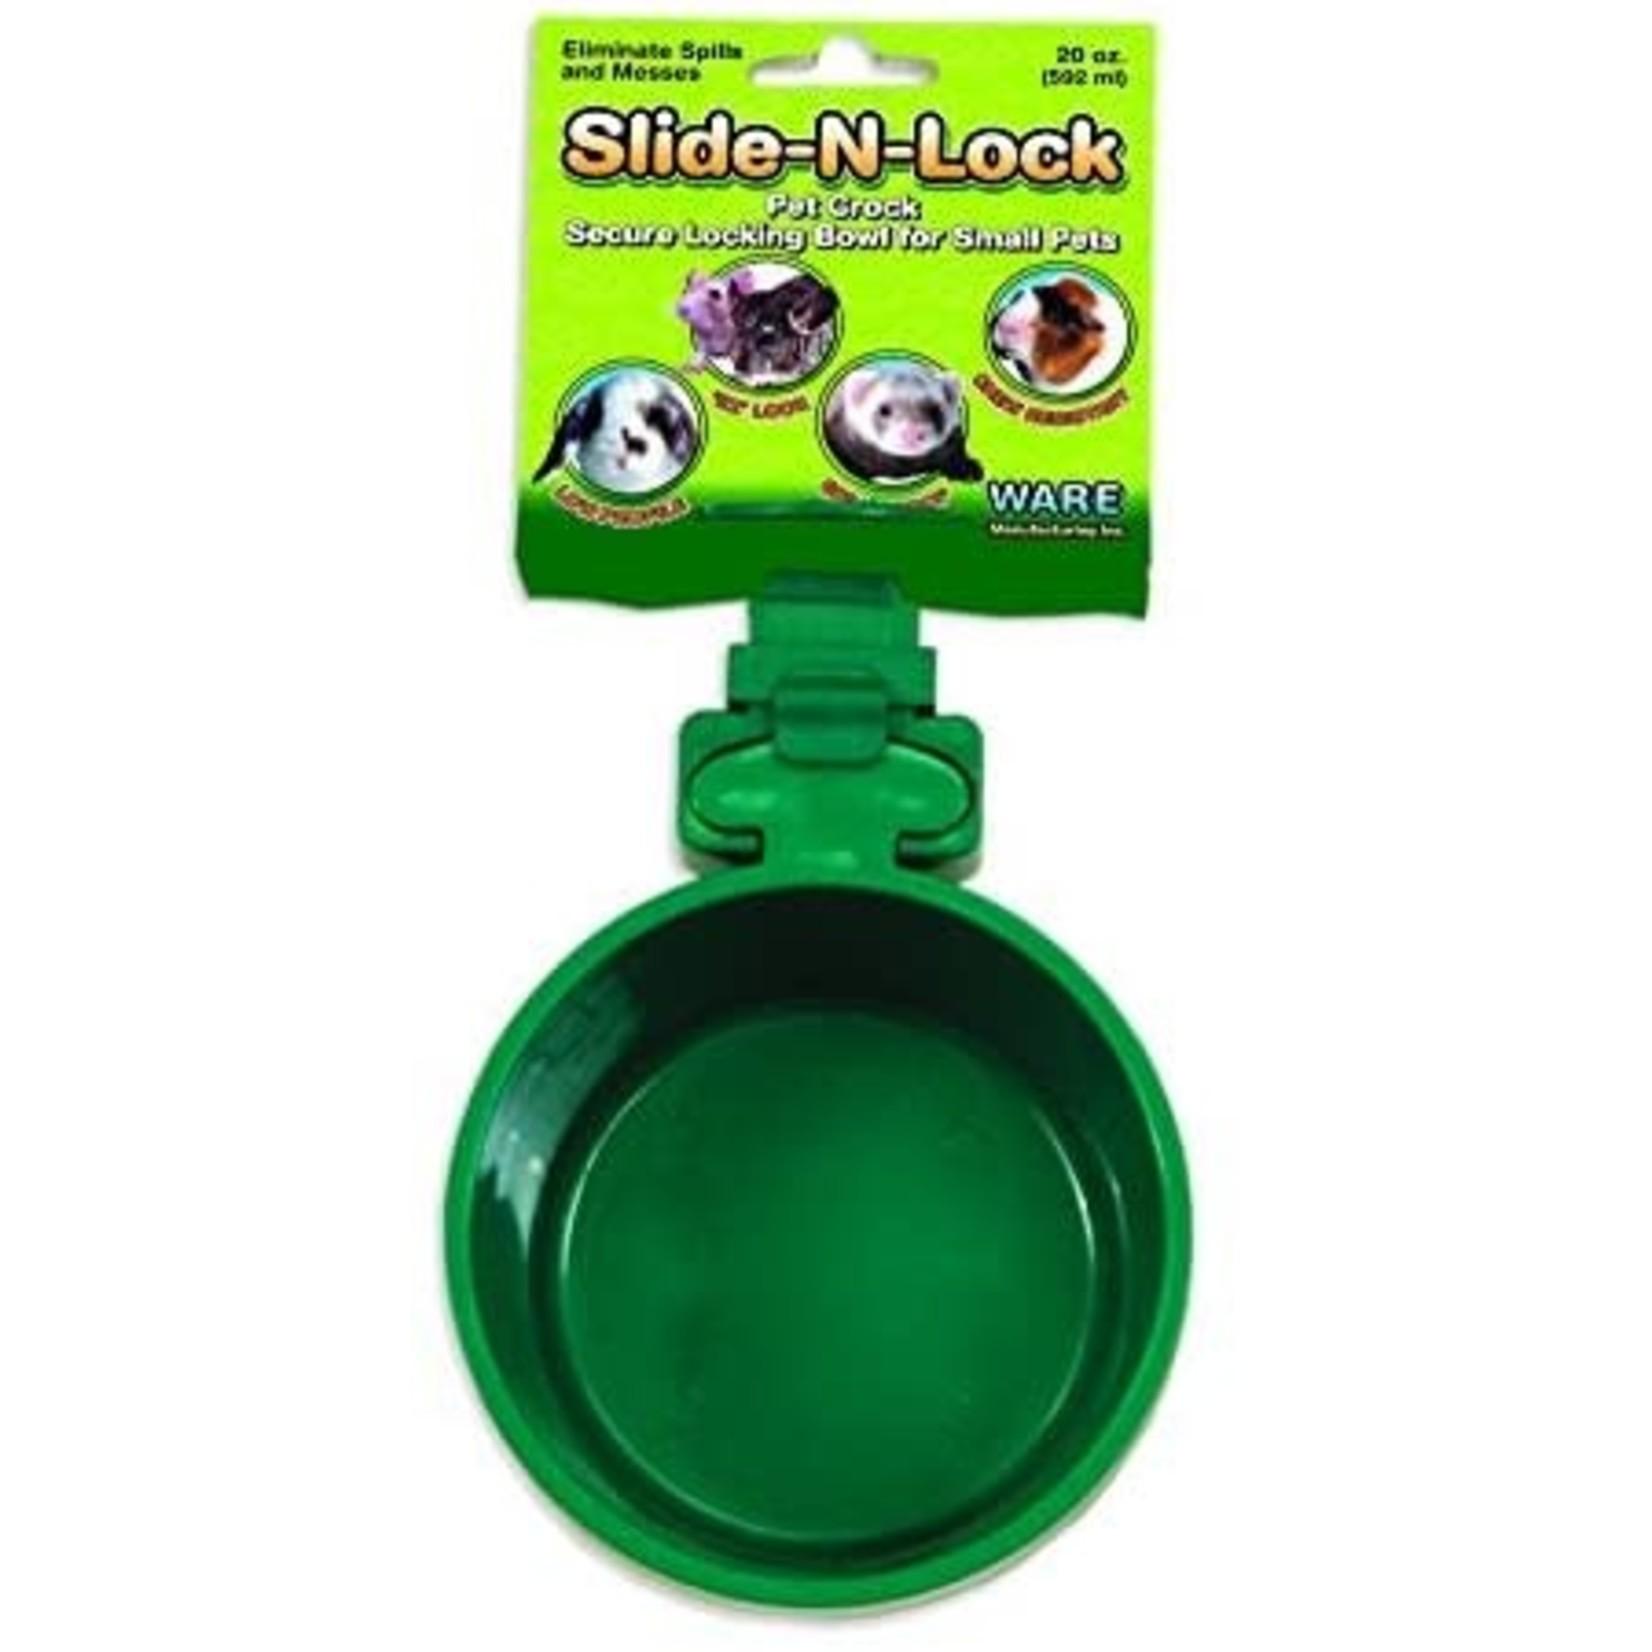 Slide-N-Lock Pet Crock 10oz